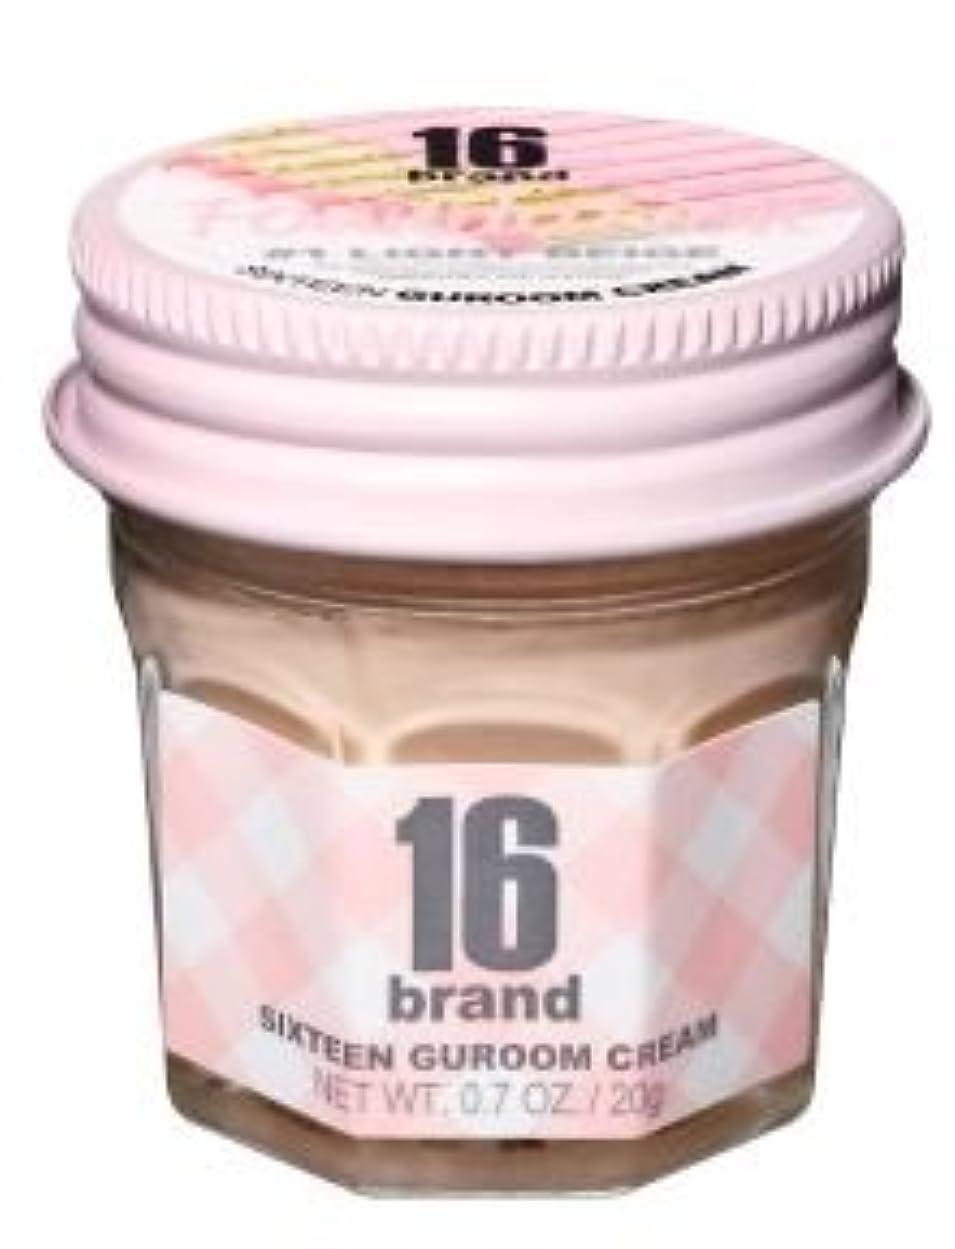 一族解決ショート16brand Sixteen Guroom Cream Foundation 20g/16ブランド シックスティーン クルム クリーム ファンデーション 20g (#1 Light Beige) [並行輸入品]